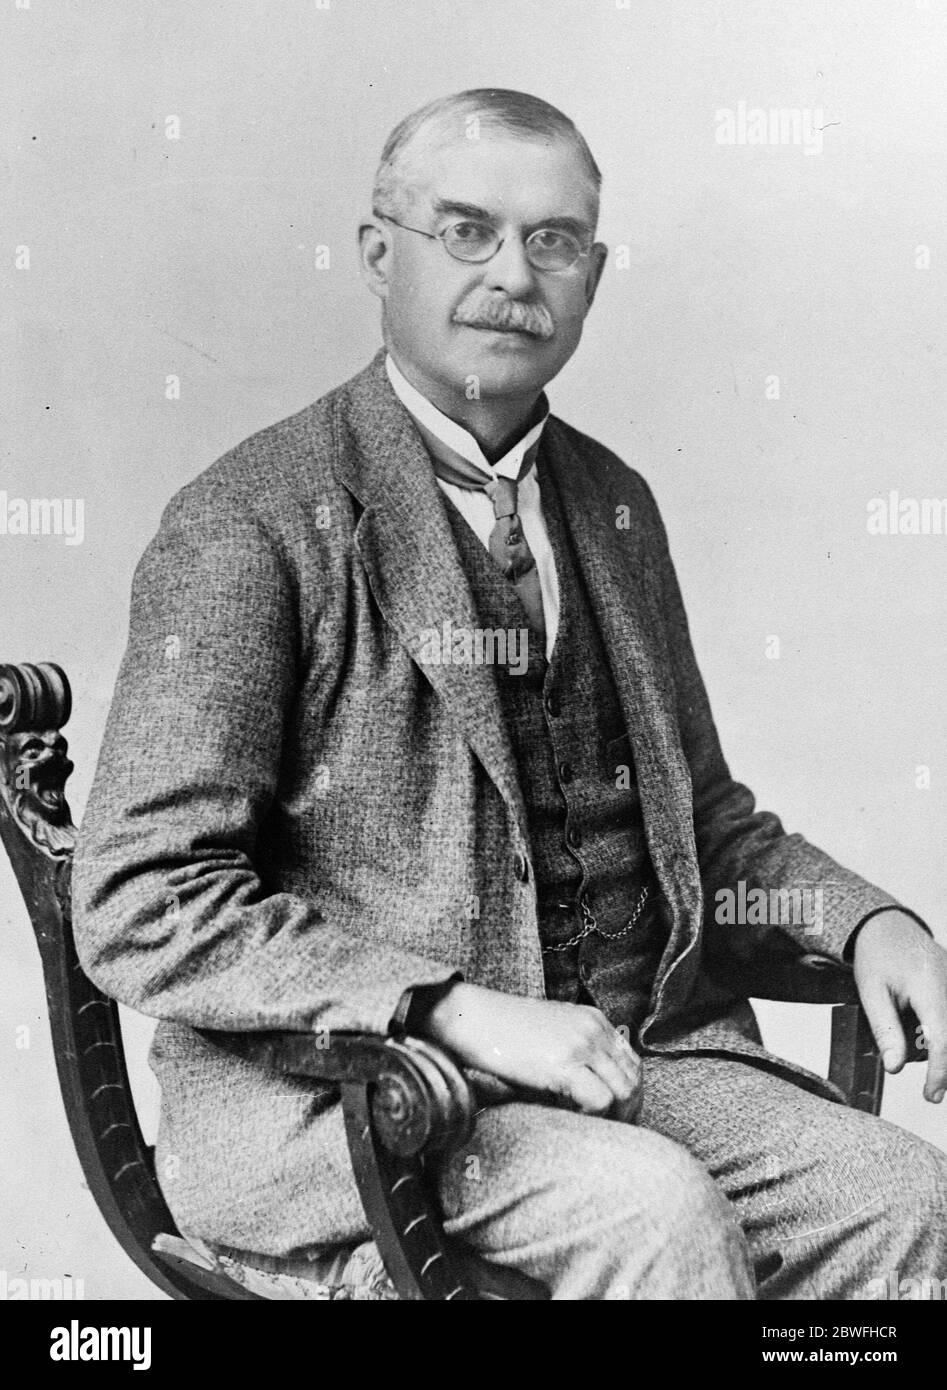 Élections à Malte . Sir Gerald Strickland , dirigeant des Constitutionalistes à l'élection de Malte , qui a été principalement combattu sur la question de langue , avec pour résultat qu'aucun parti n'a gagné la majorité . 14 juin 1924 Banque D'Images